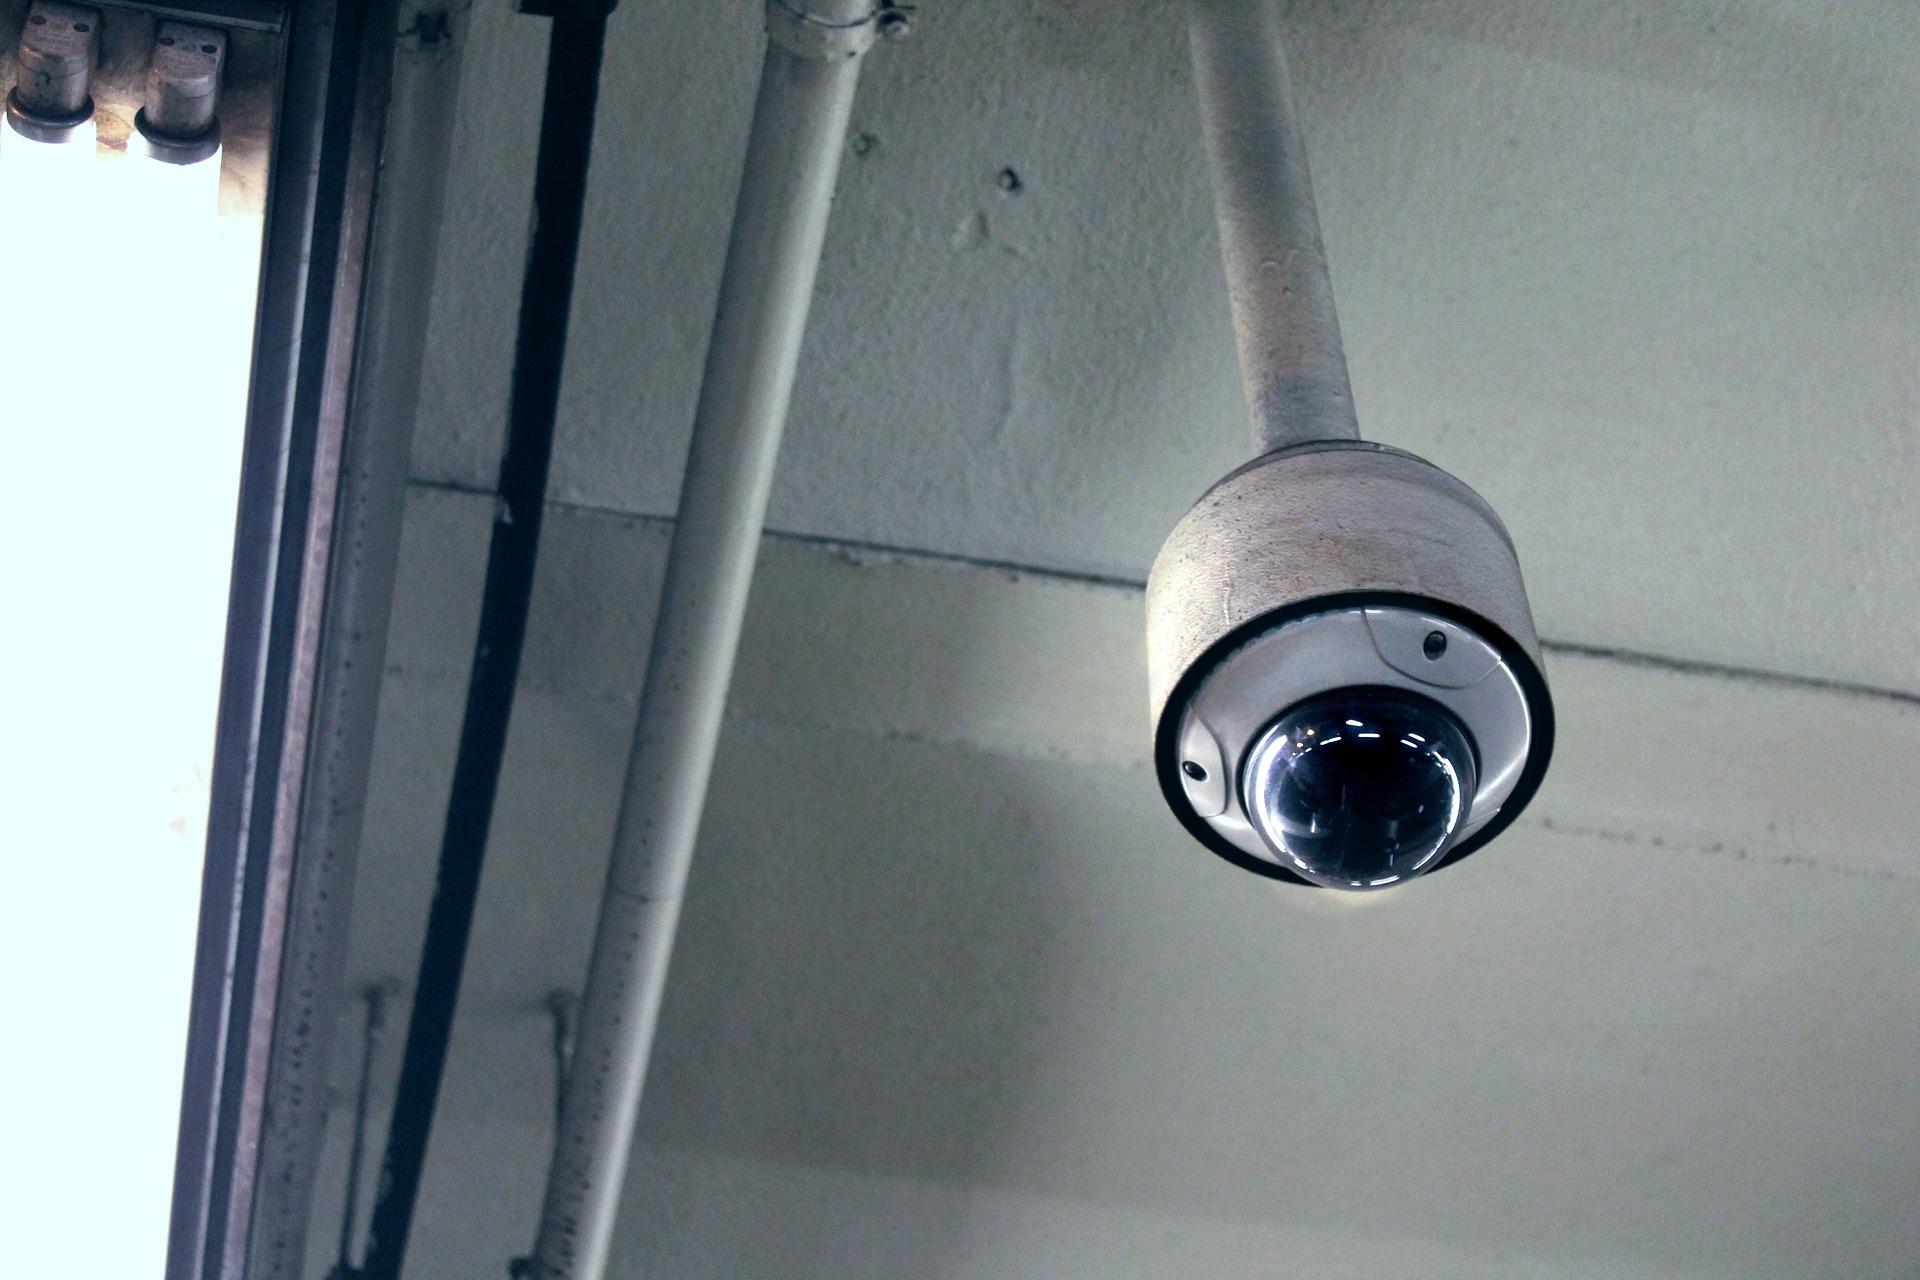 installeren camerasysteem thuis